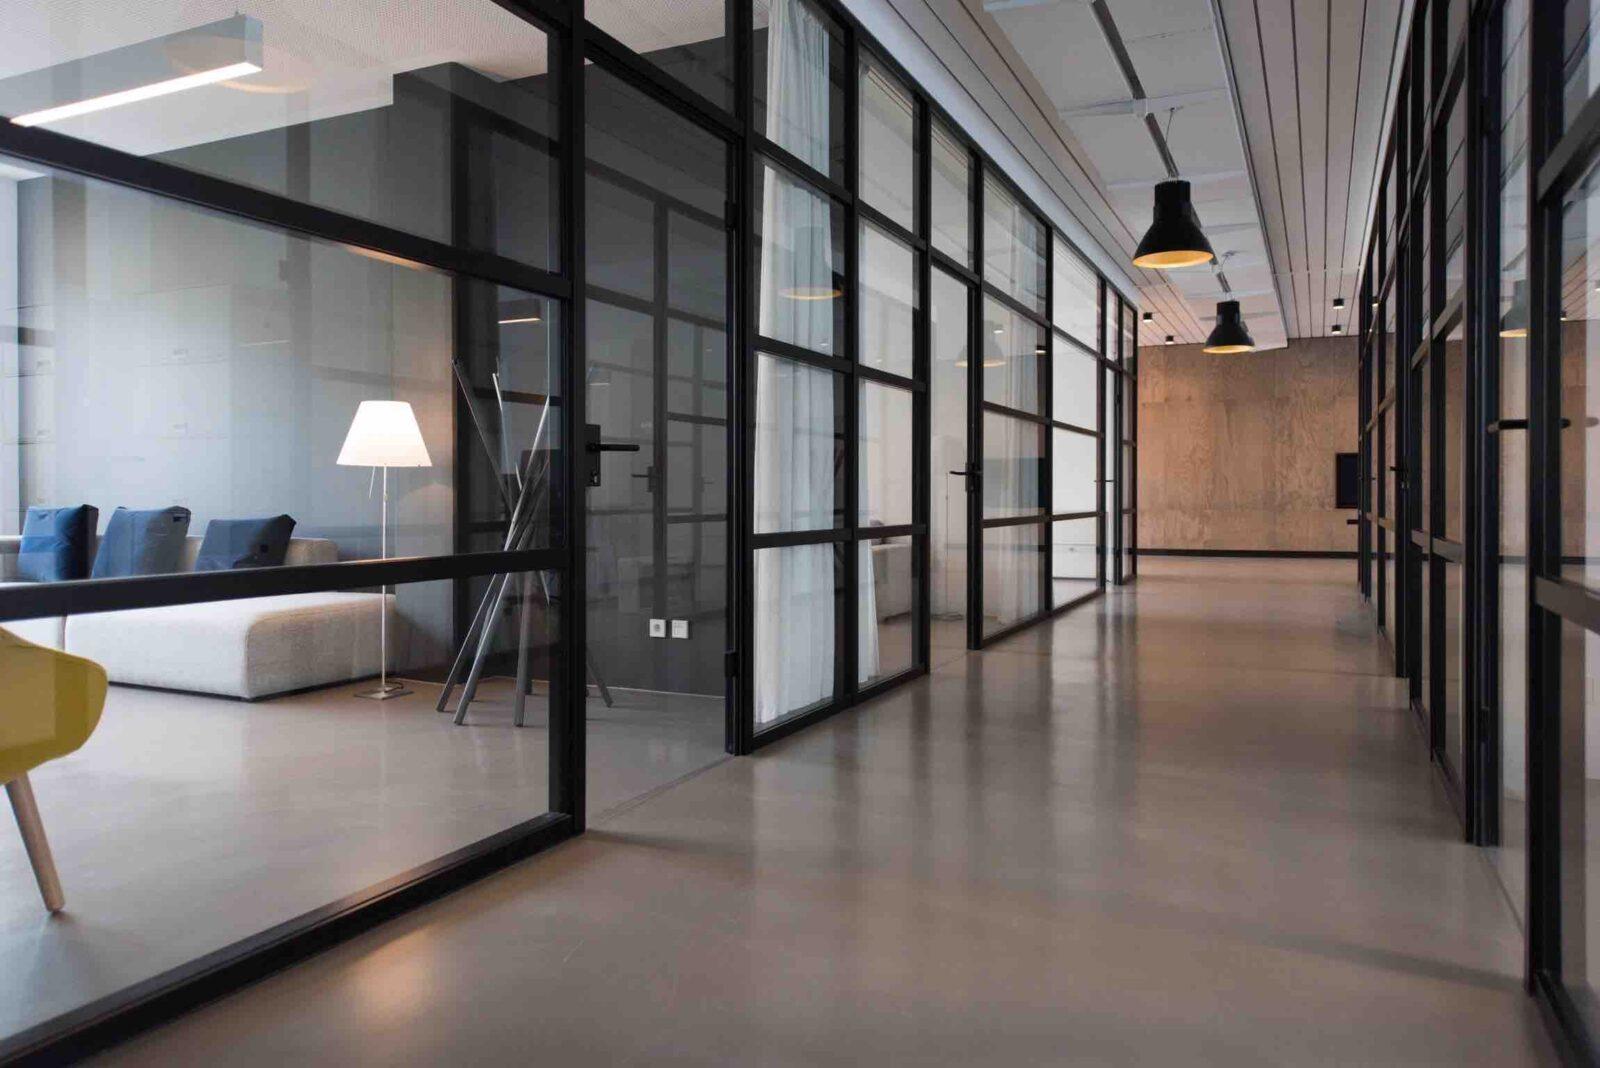 Entreprise de fabrication de verre et d'aluminium en Australie